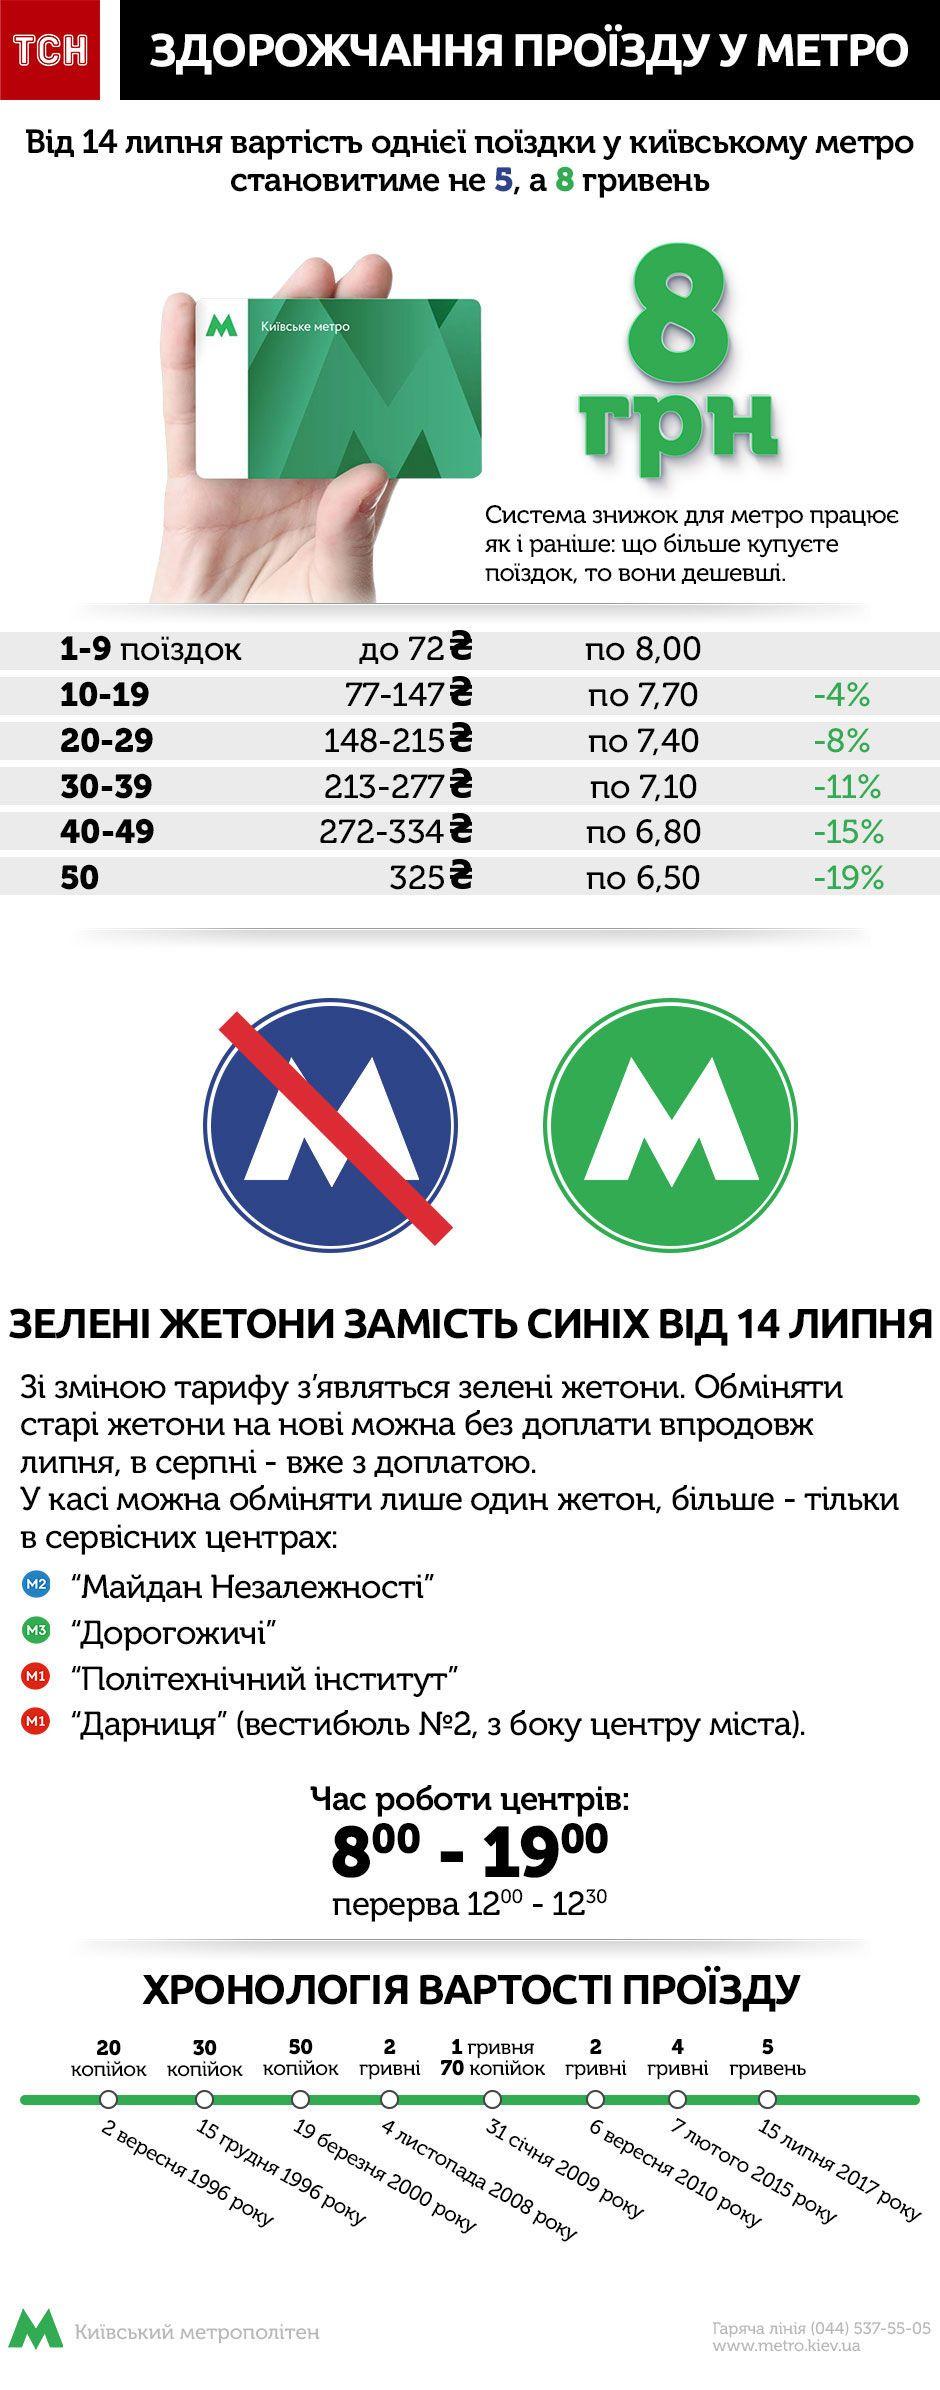 здорожчання проїзду у метро, липень 2018, інфографіка